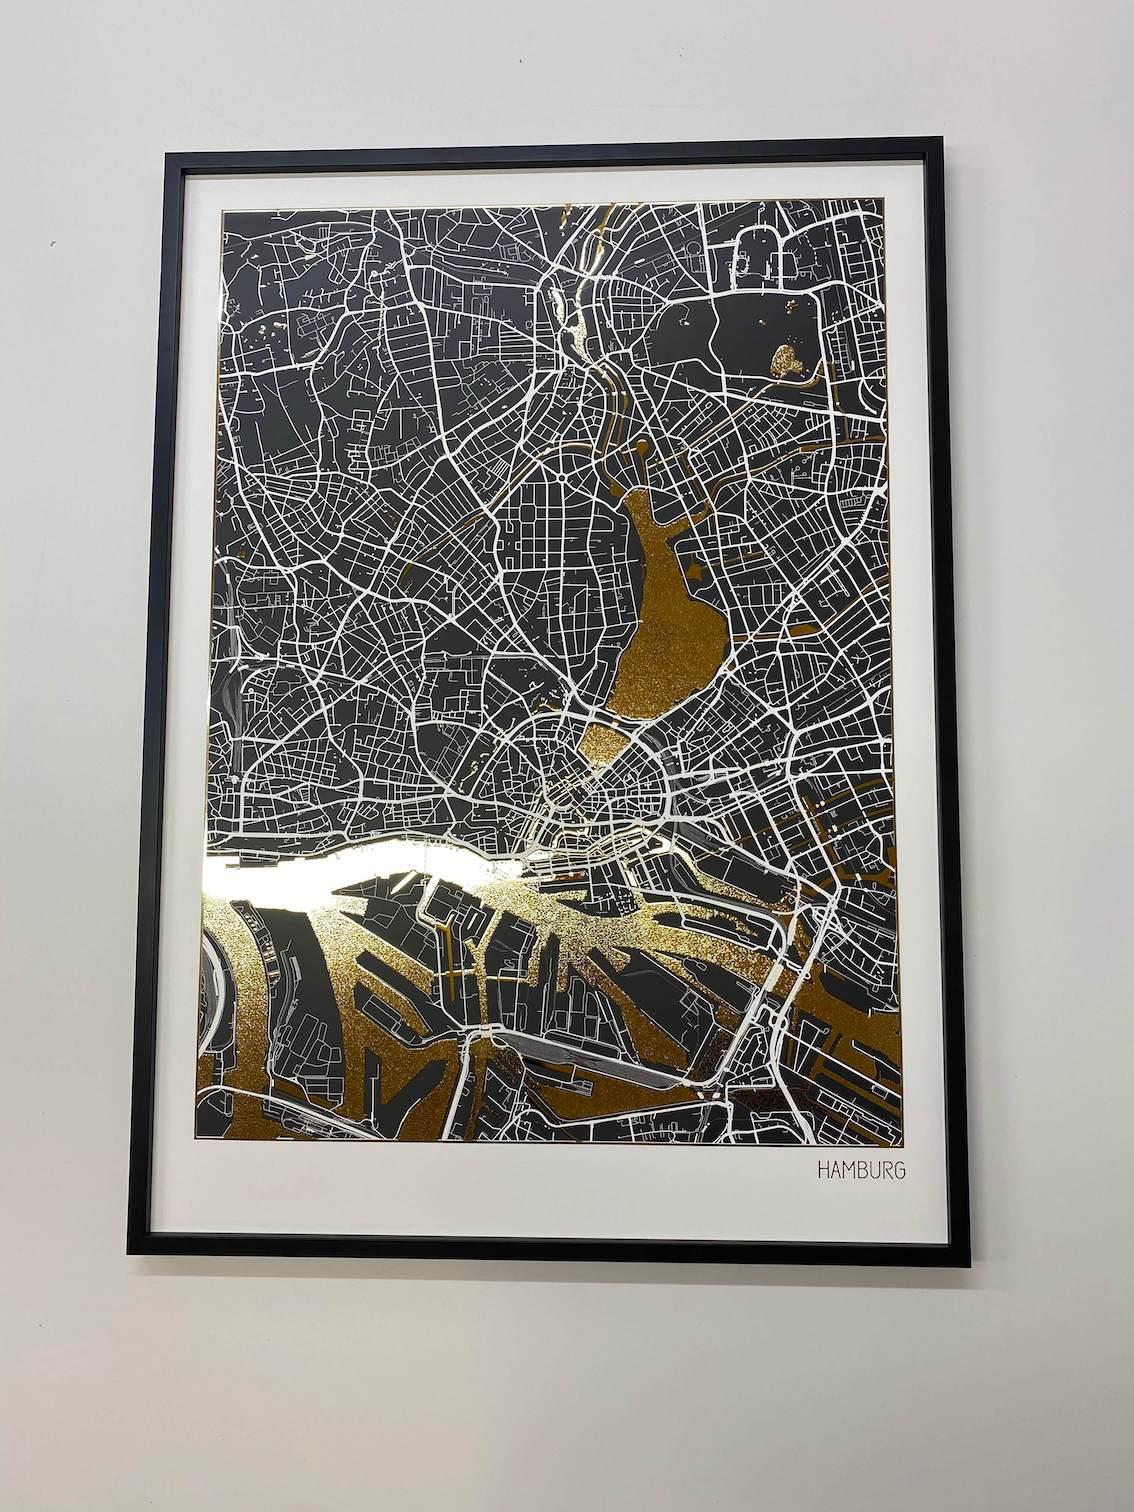 Affiche Carte Hambourg Dorée | Poster en Feuilles d'Or Véritable